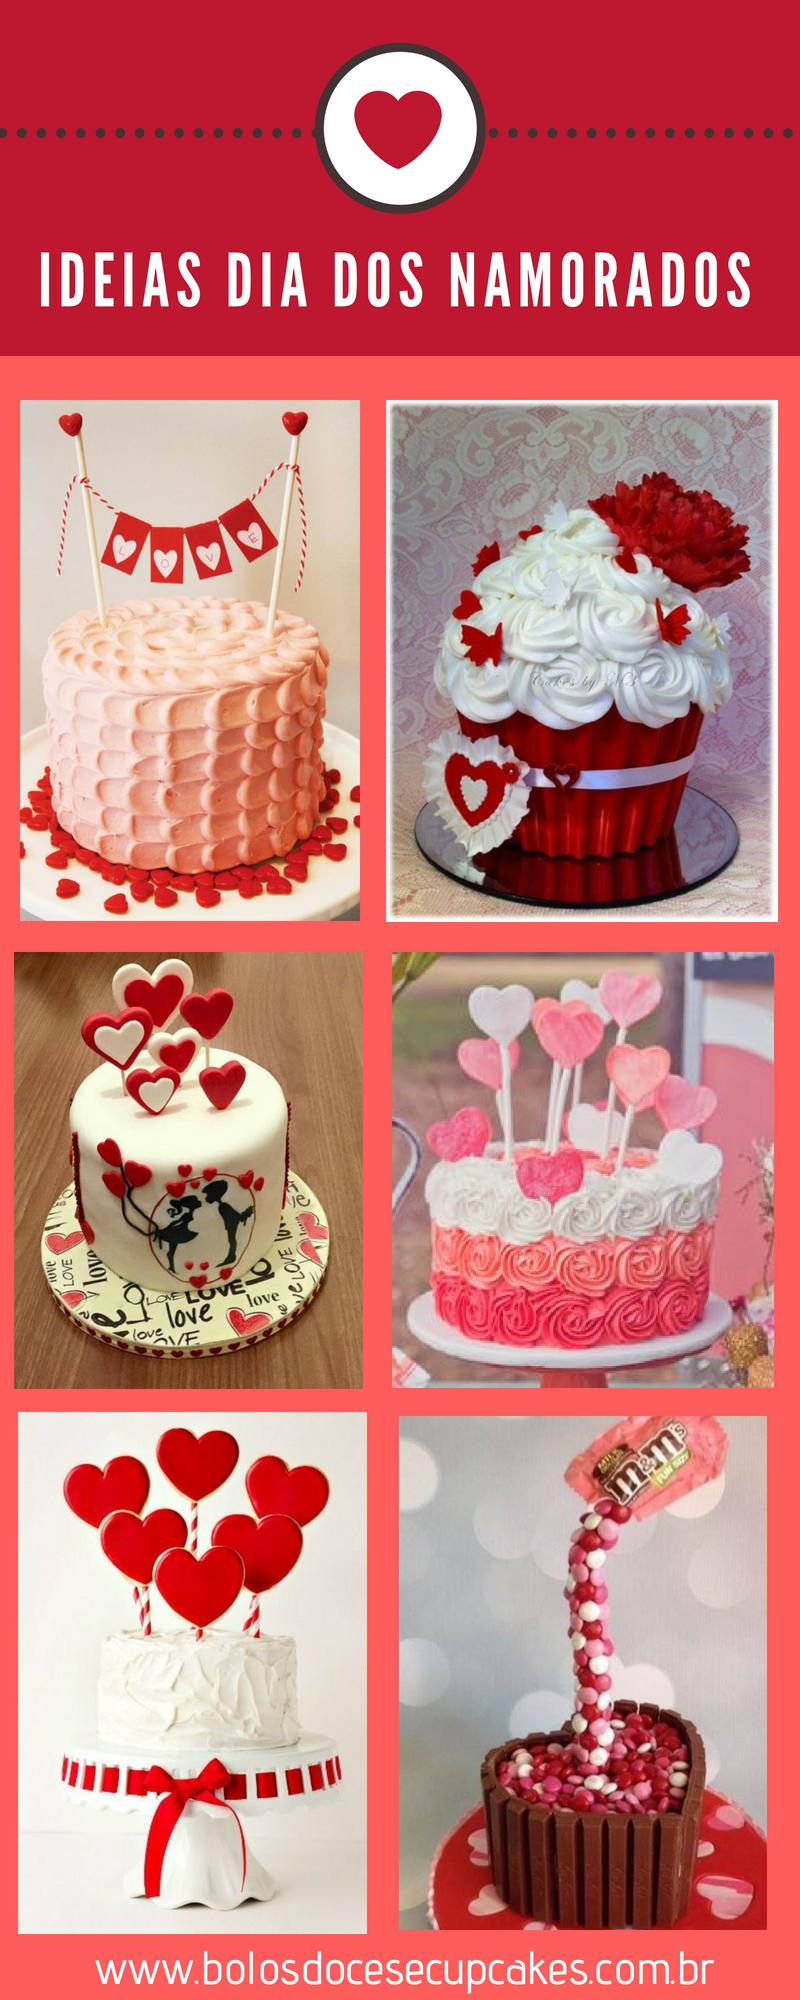 ideias dia dos namorados - Ideias e Bolos para o Dia dos Namorados ❤